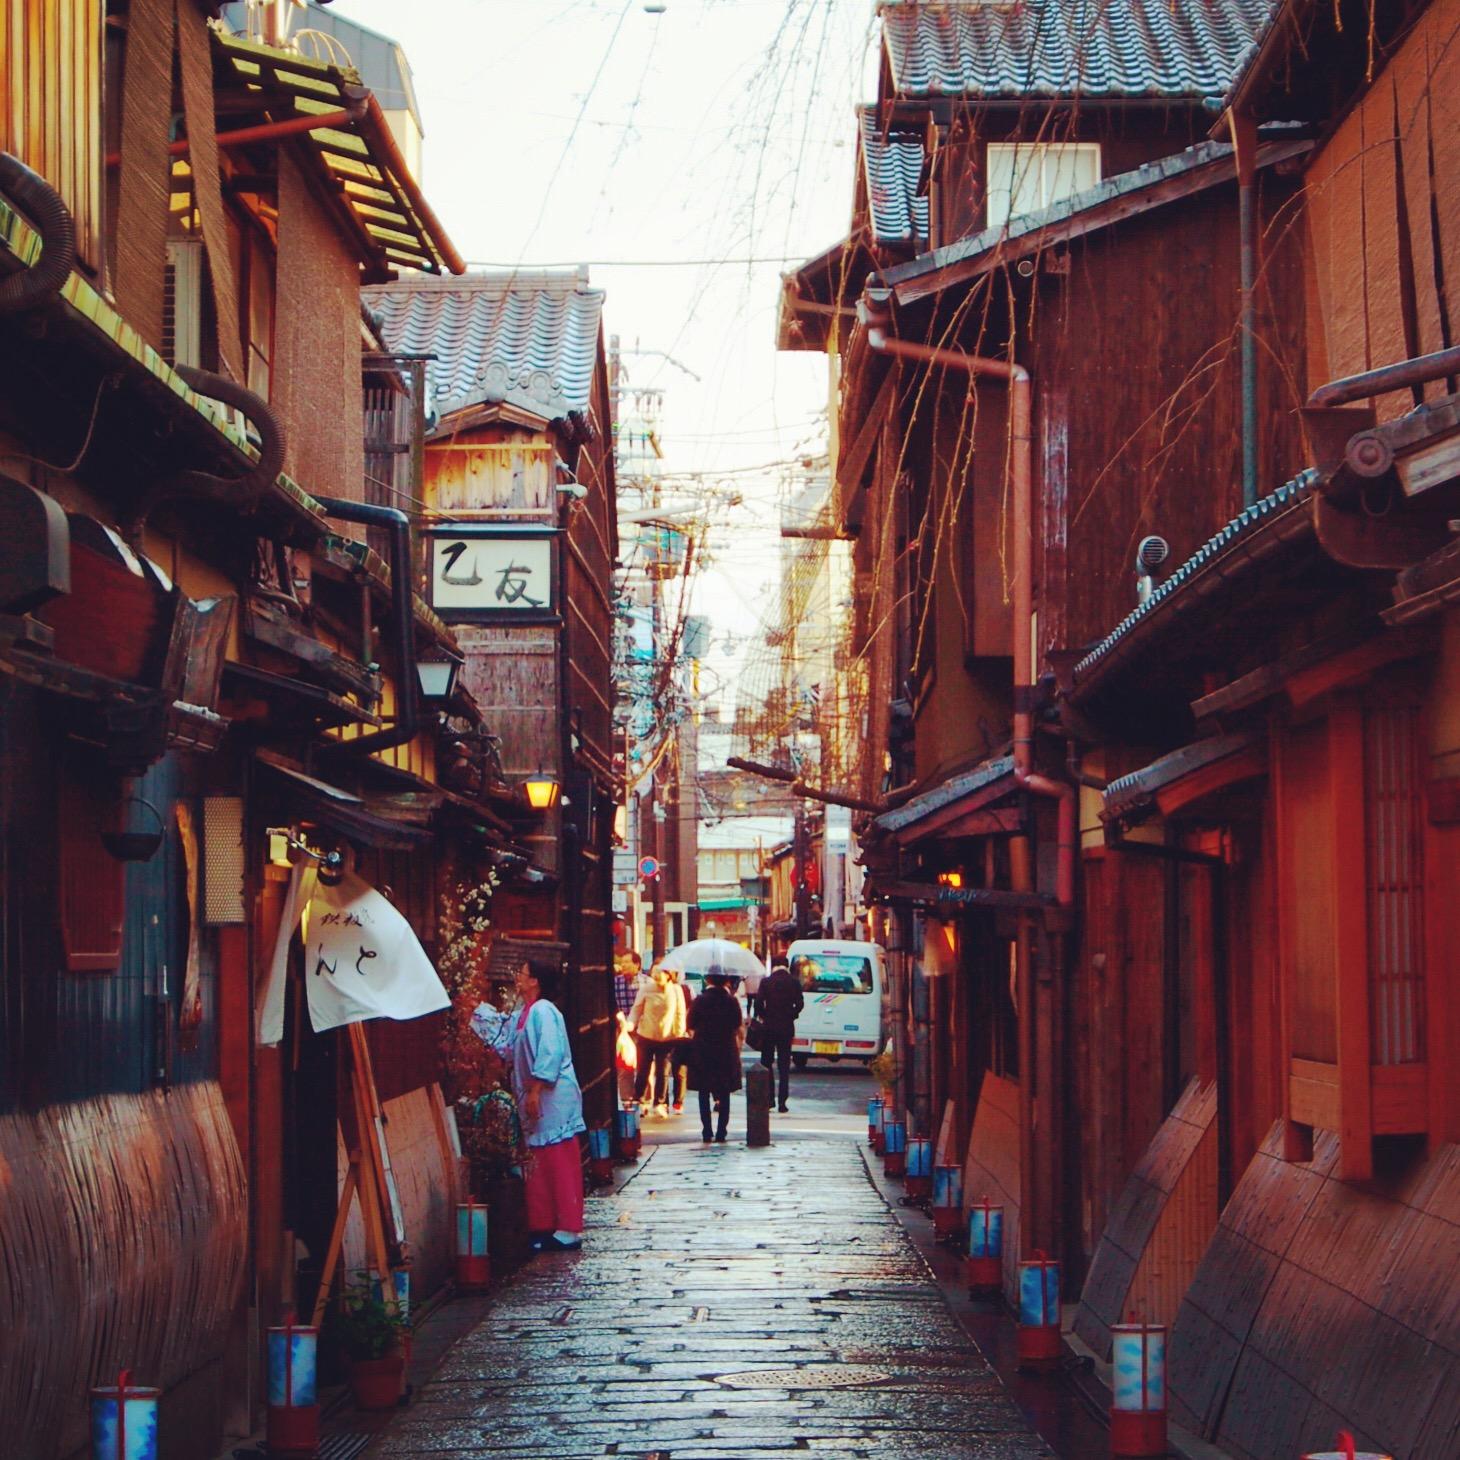 Una fotografía hecha en el barrio de Gion, Kioto